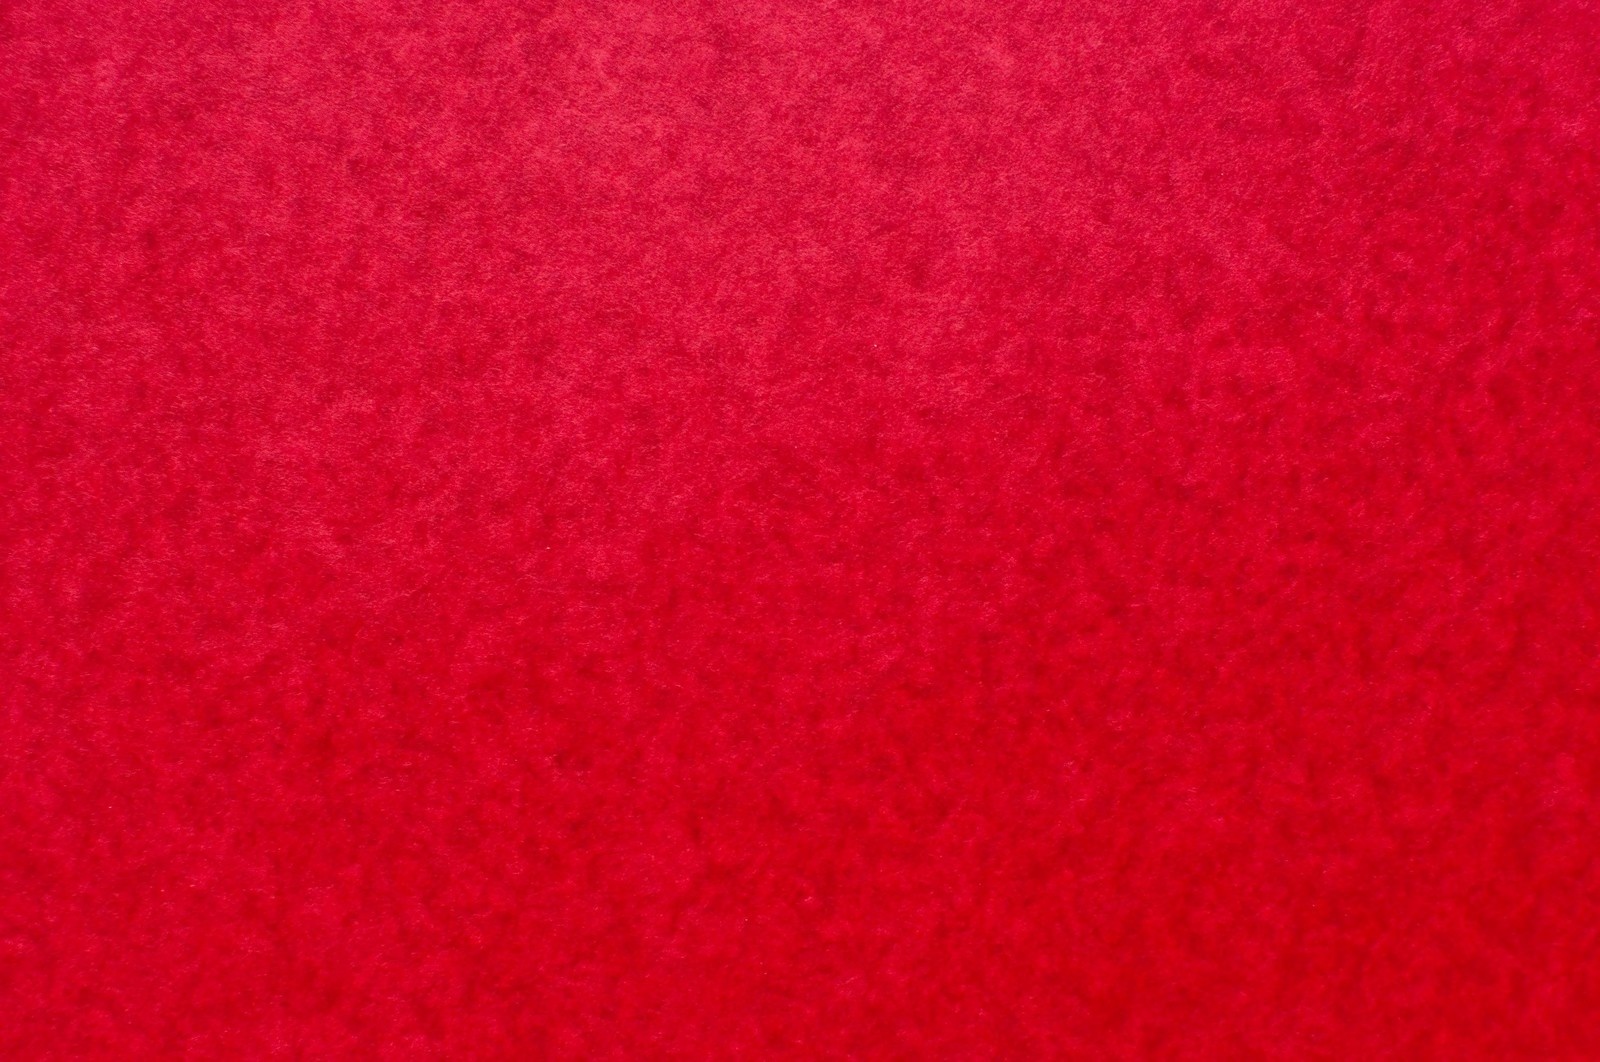 「赤い紙のテクスチャー赤い紙のテクスチャー」のフリー写真素材を拡大